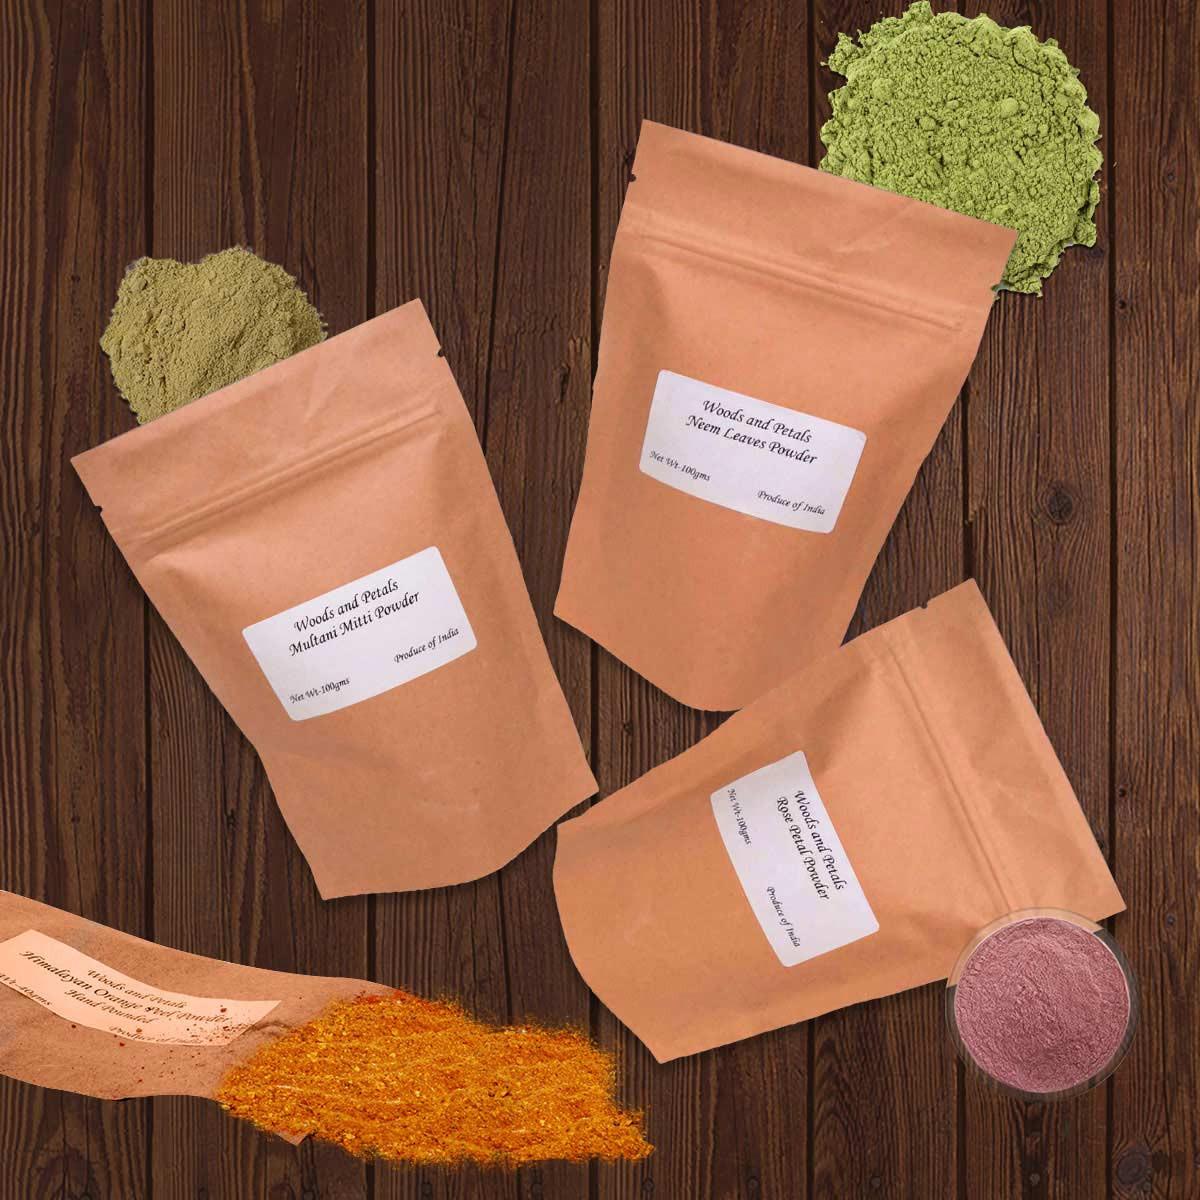 Ayurveda Skin Care Herbs I13.22 oz